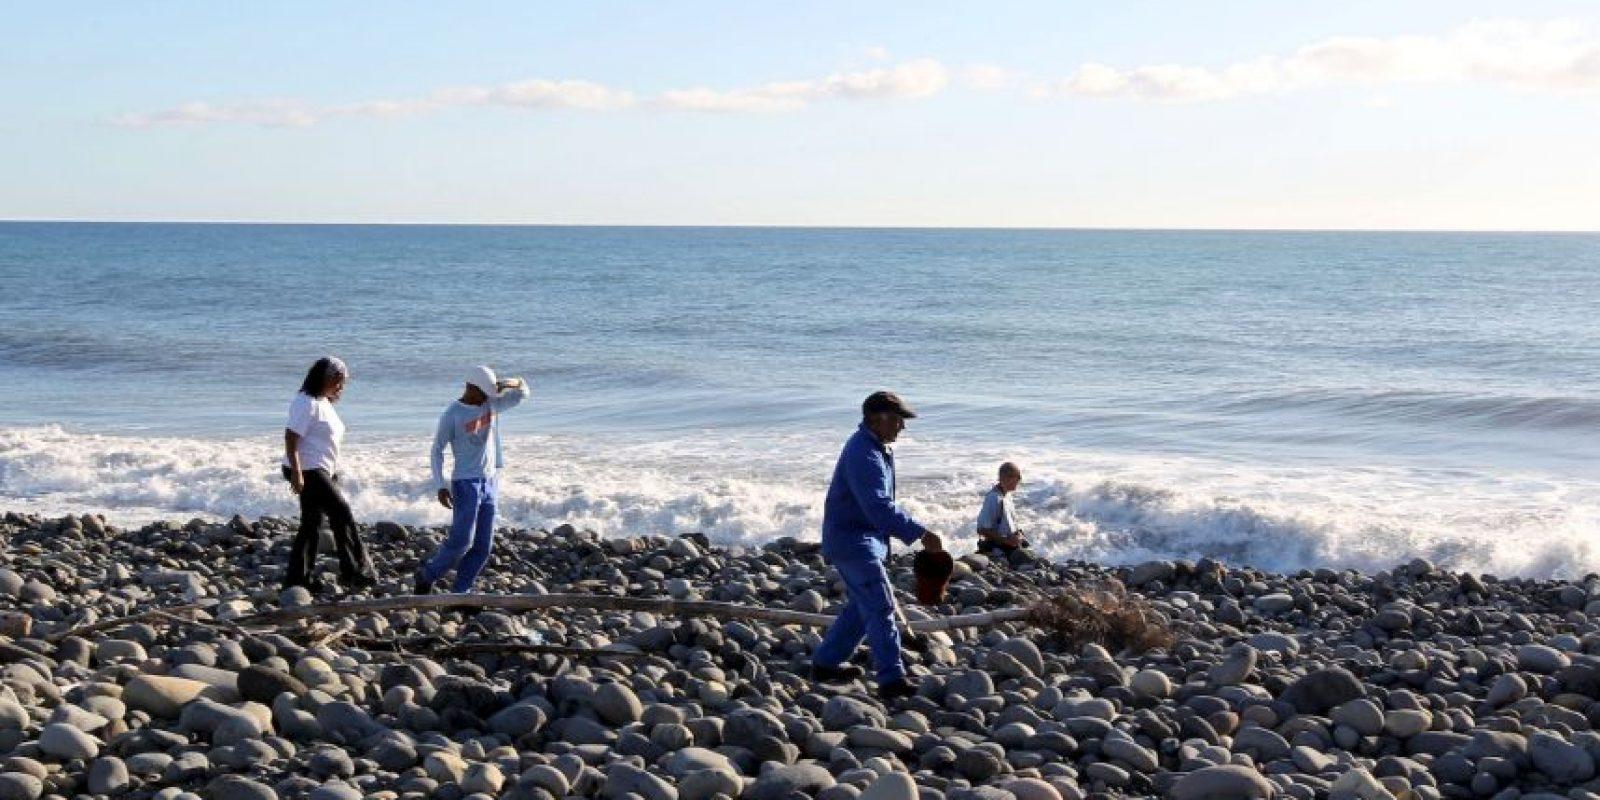 Debido a esta noticia, autoridades han advertido a locales de la isla y de otras cercanas a estar al pendiente de nuevos descubrimientos. Foto:AFP